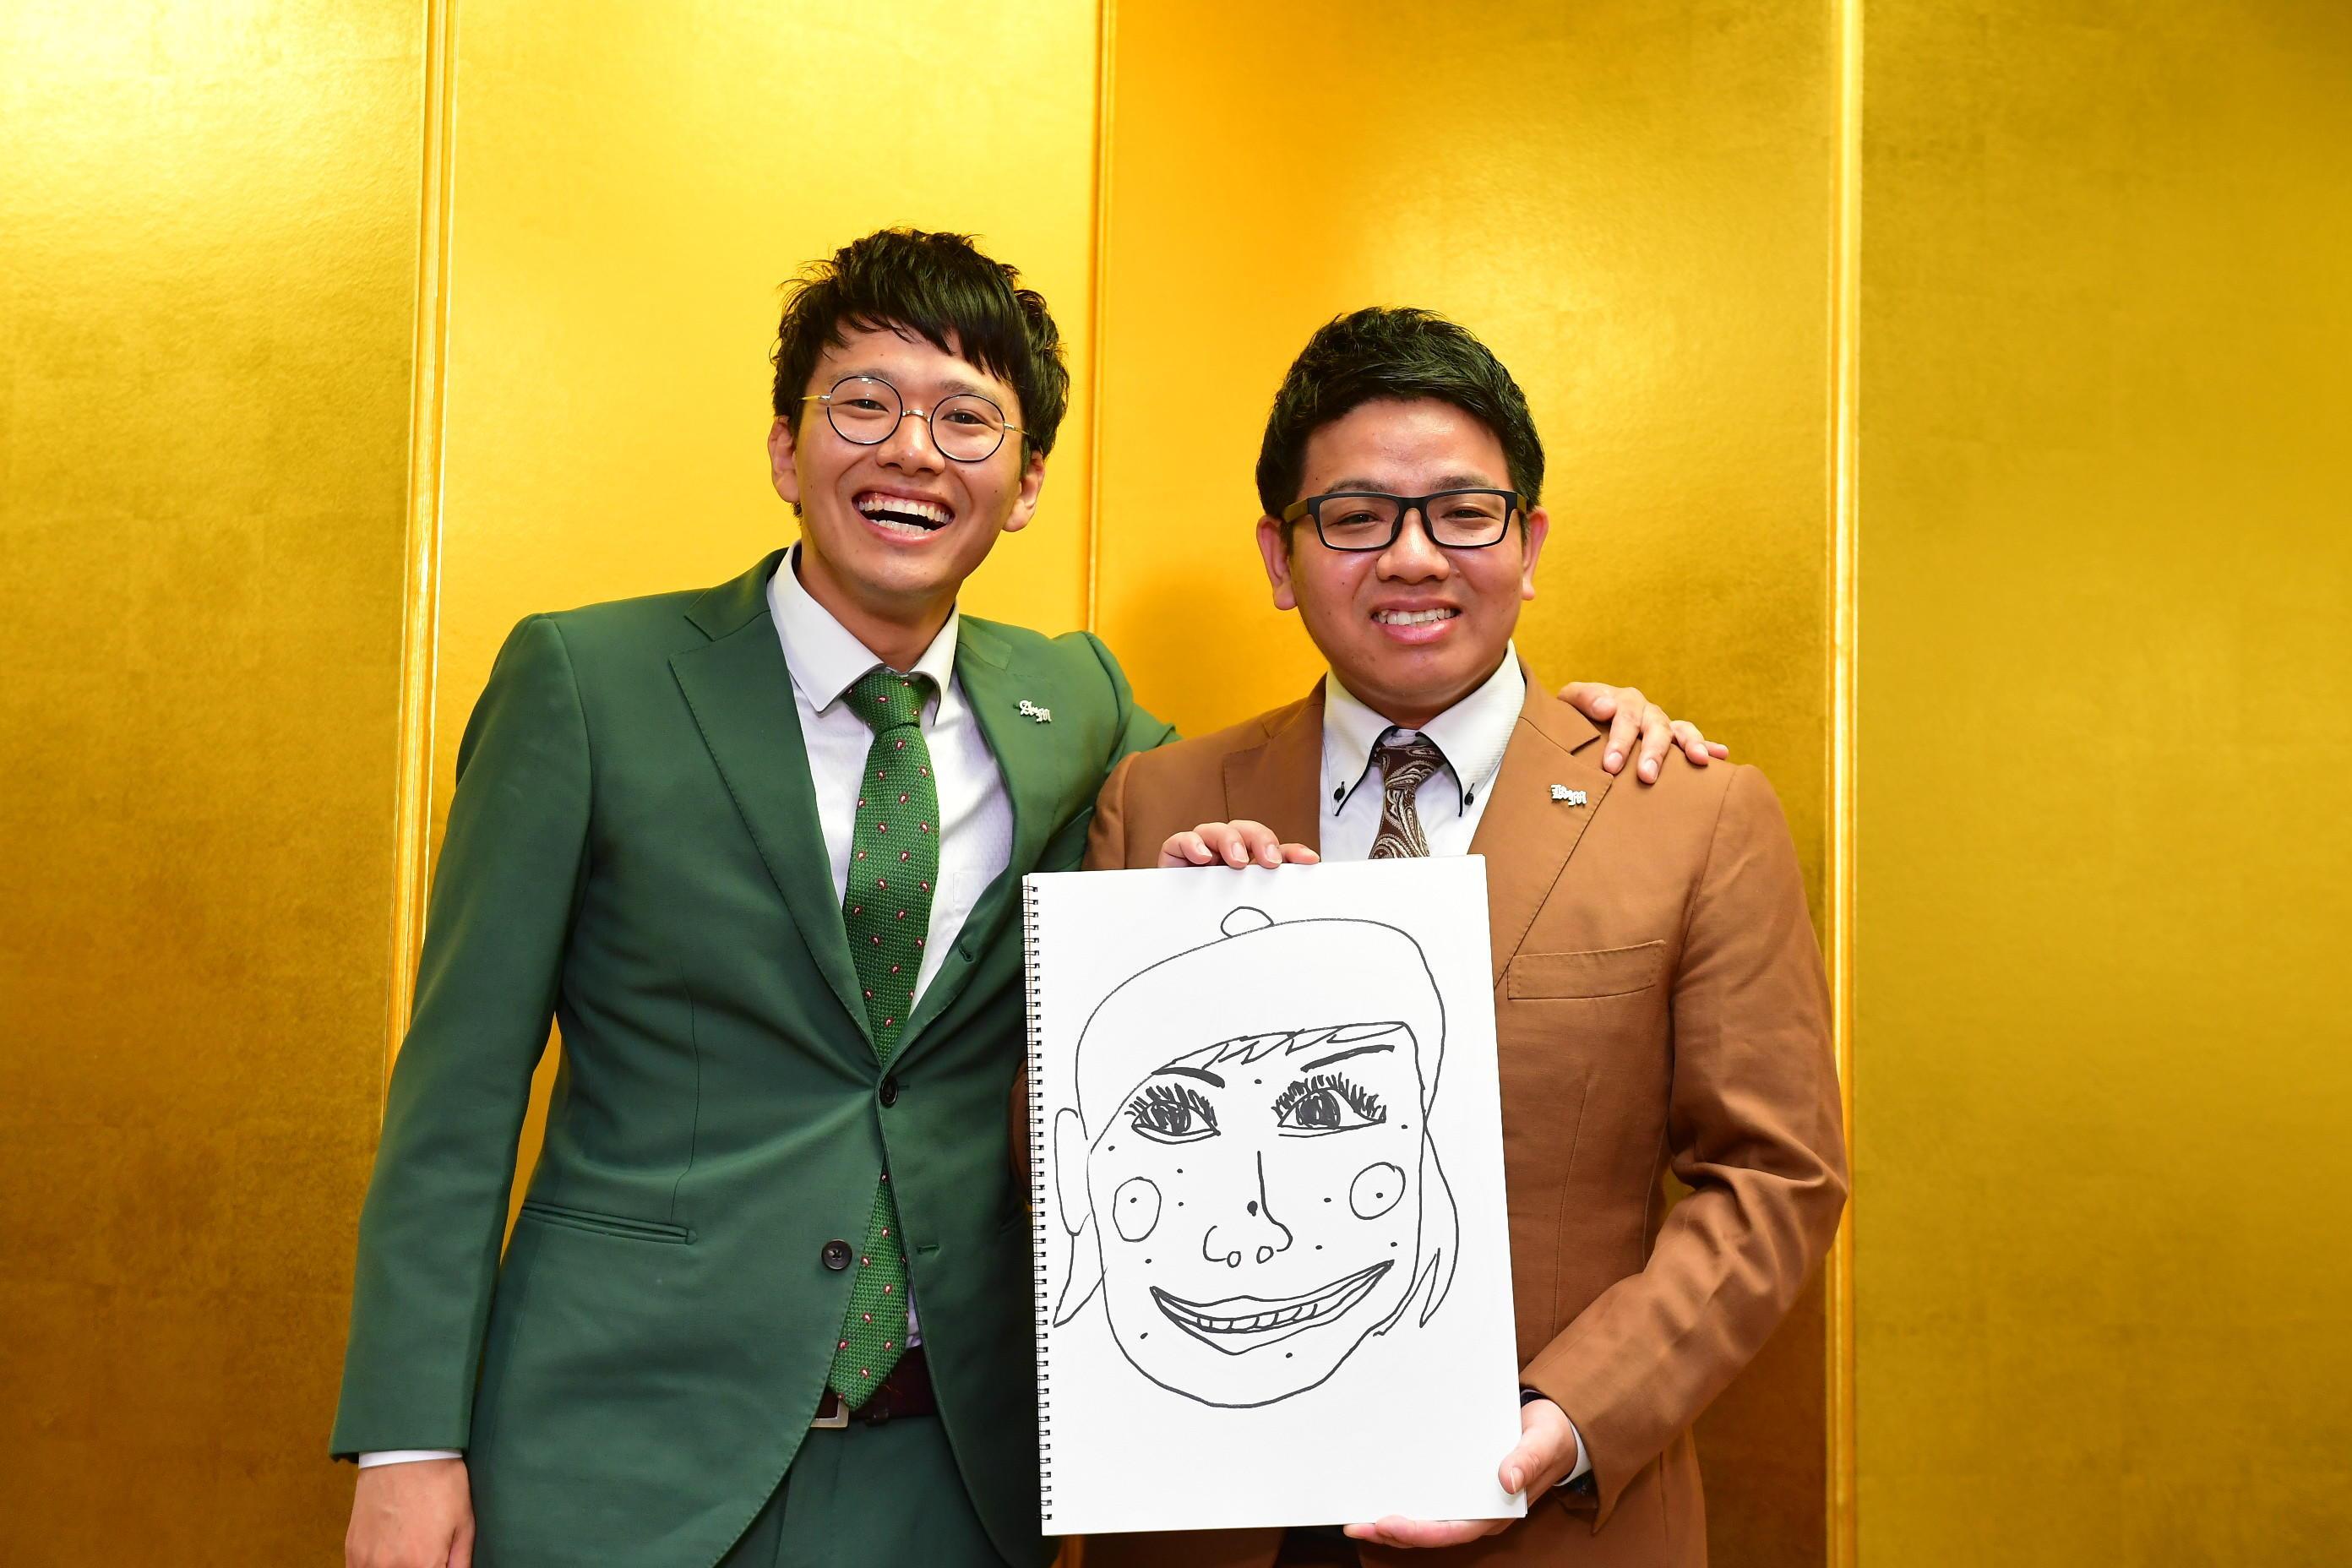 http://news.yoshimoto.co.jp/20180608051957-43613703172ff3203369cf77f30c0a64ae043381.jpg